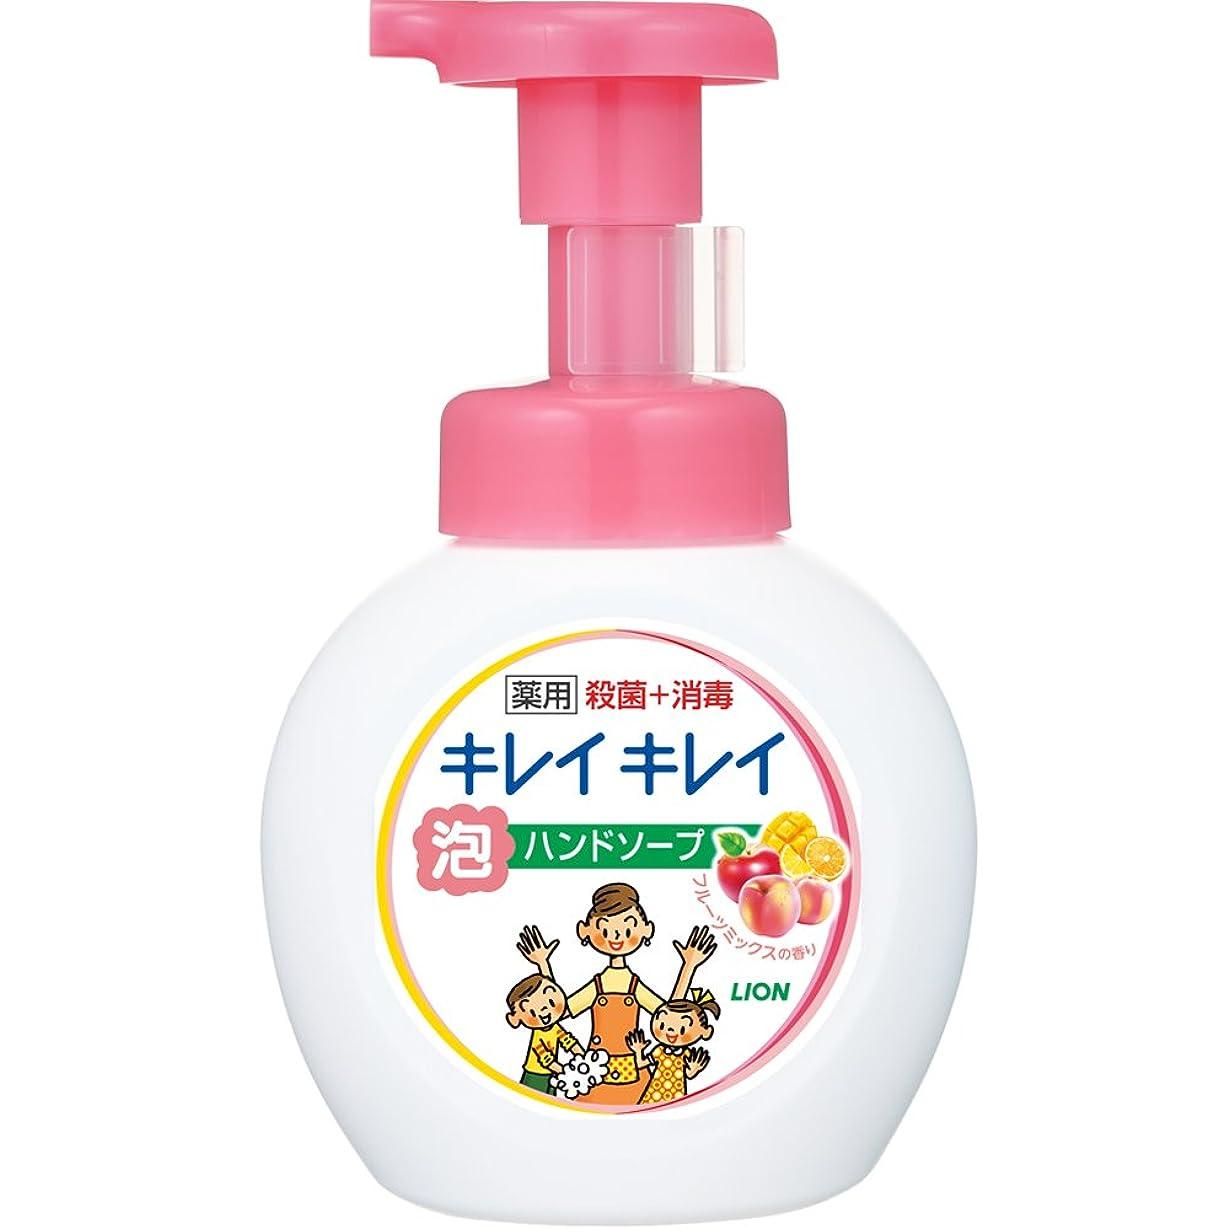 委託醜い治療キレイキレイ 薬用 泡ハンドソープ フルーツミックスの香り ポンプ 250mL